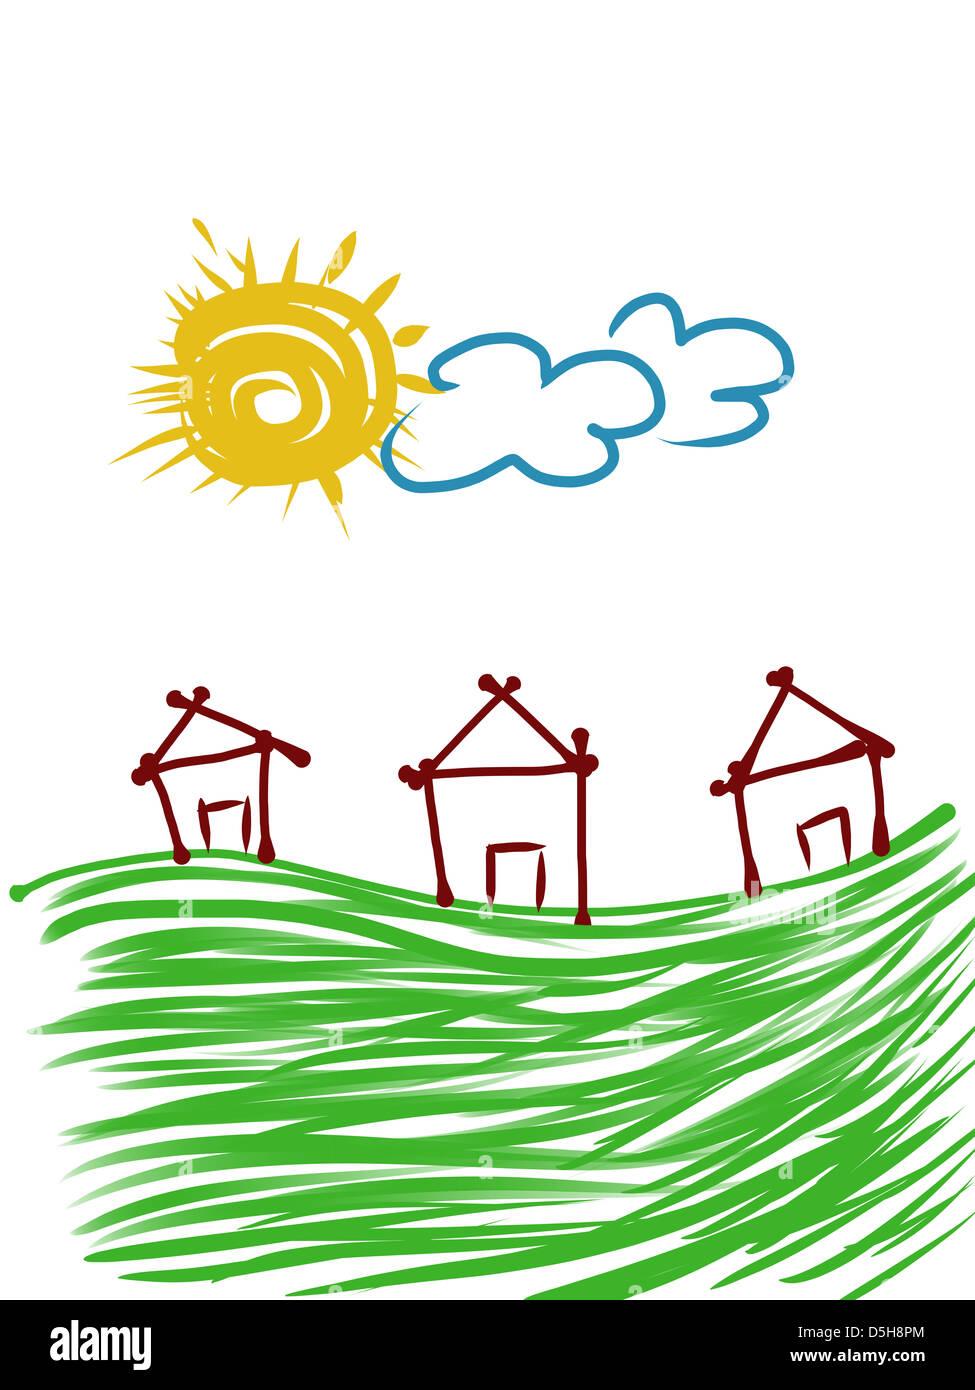 Illustrazione infantili di case e cielo Immagini Stock